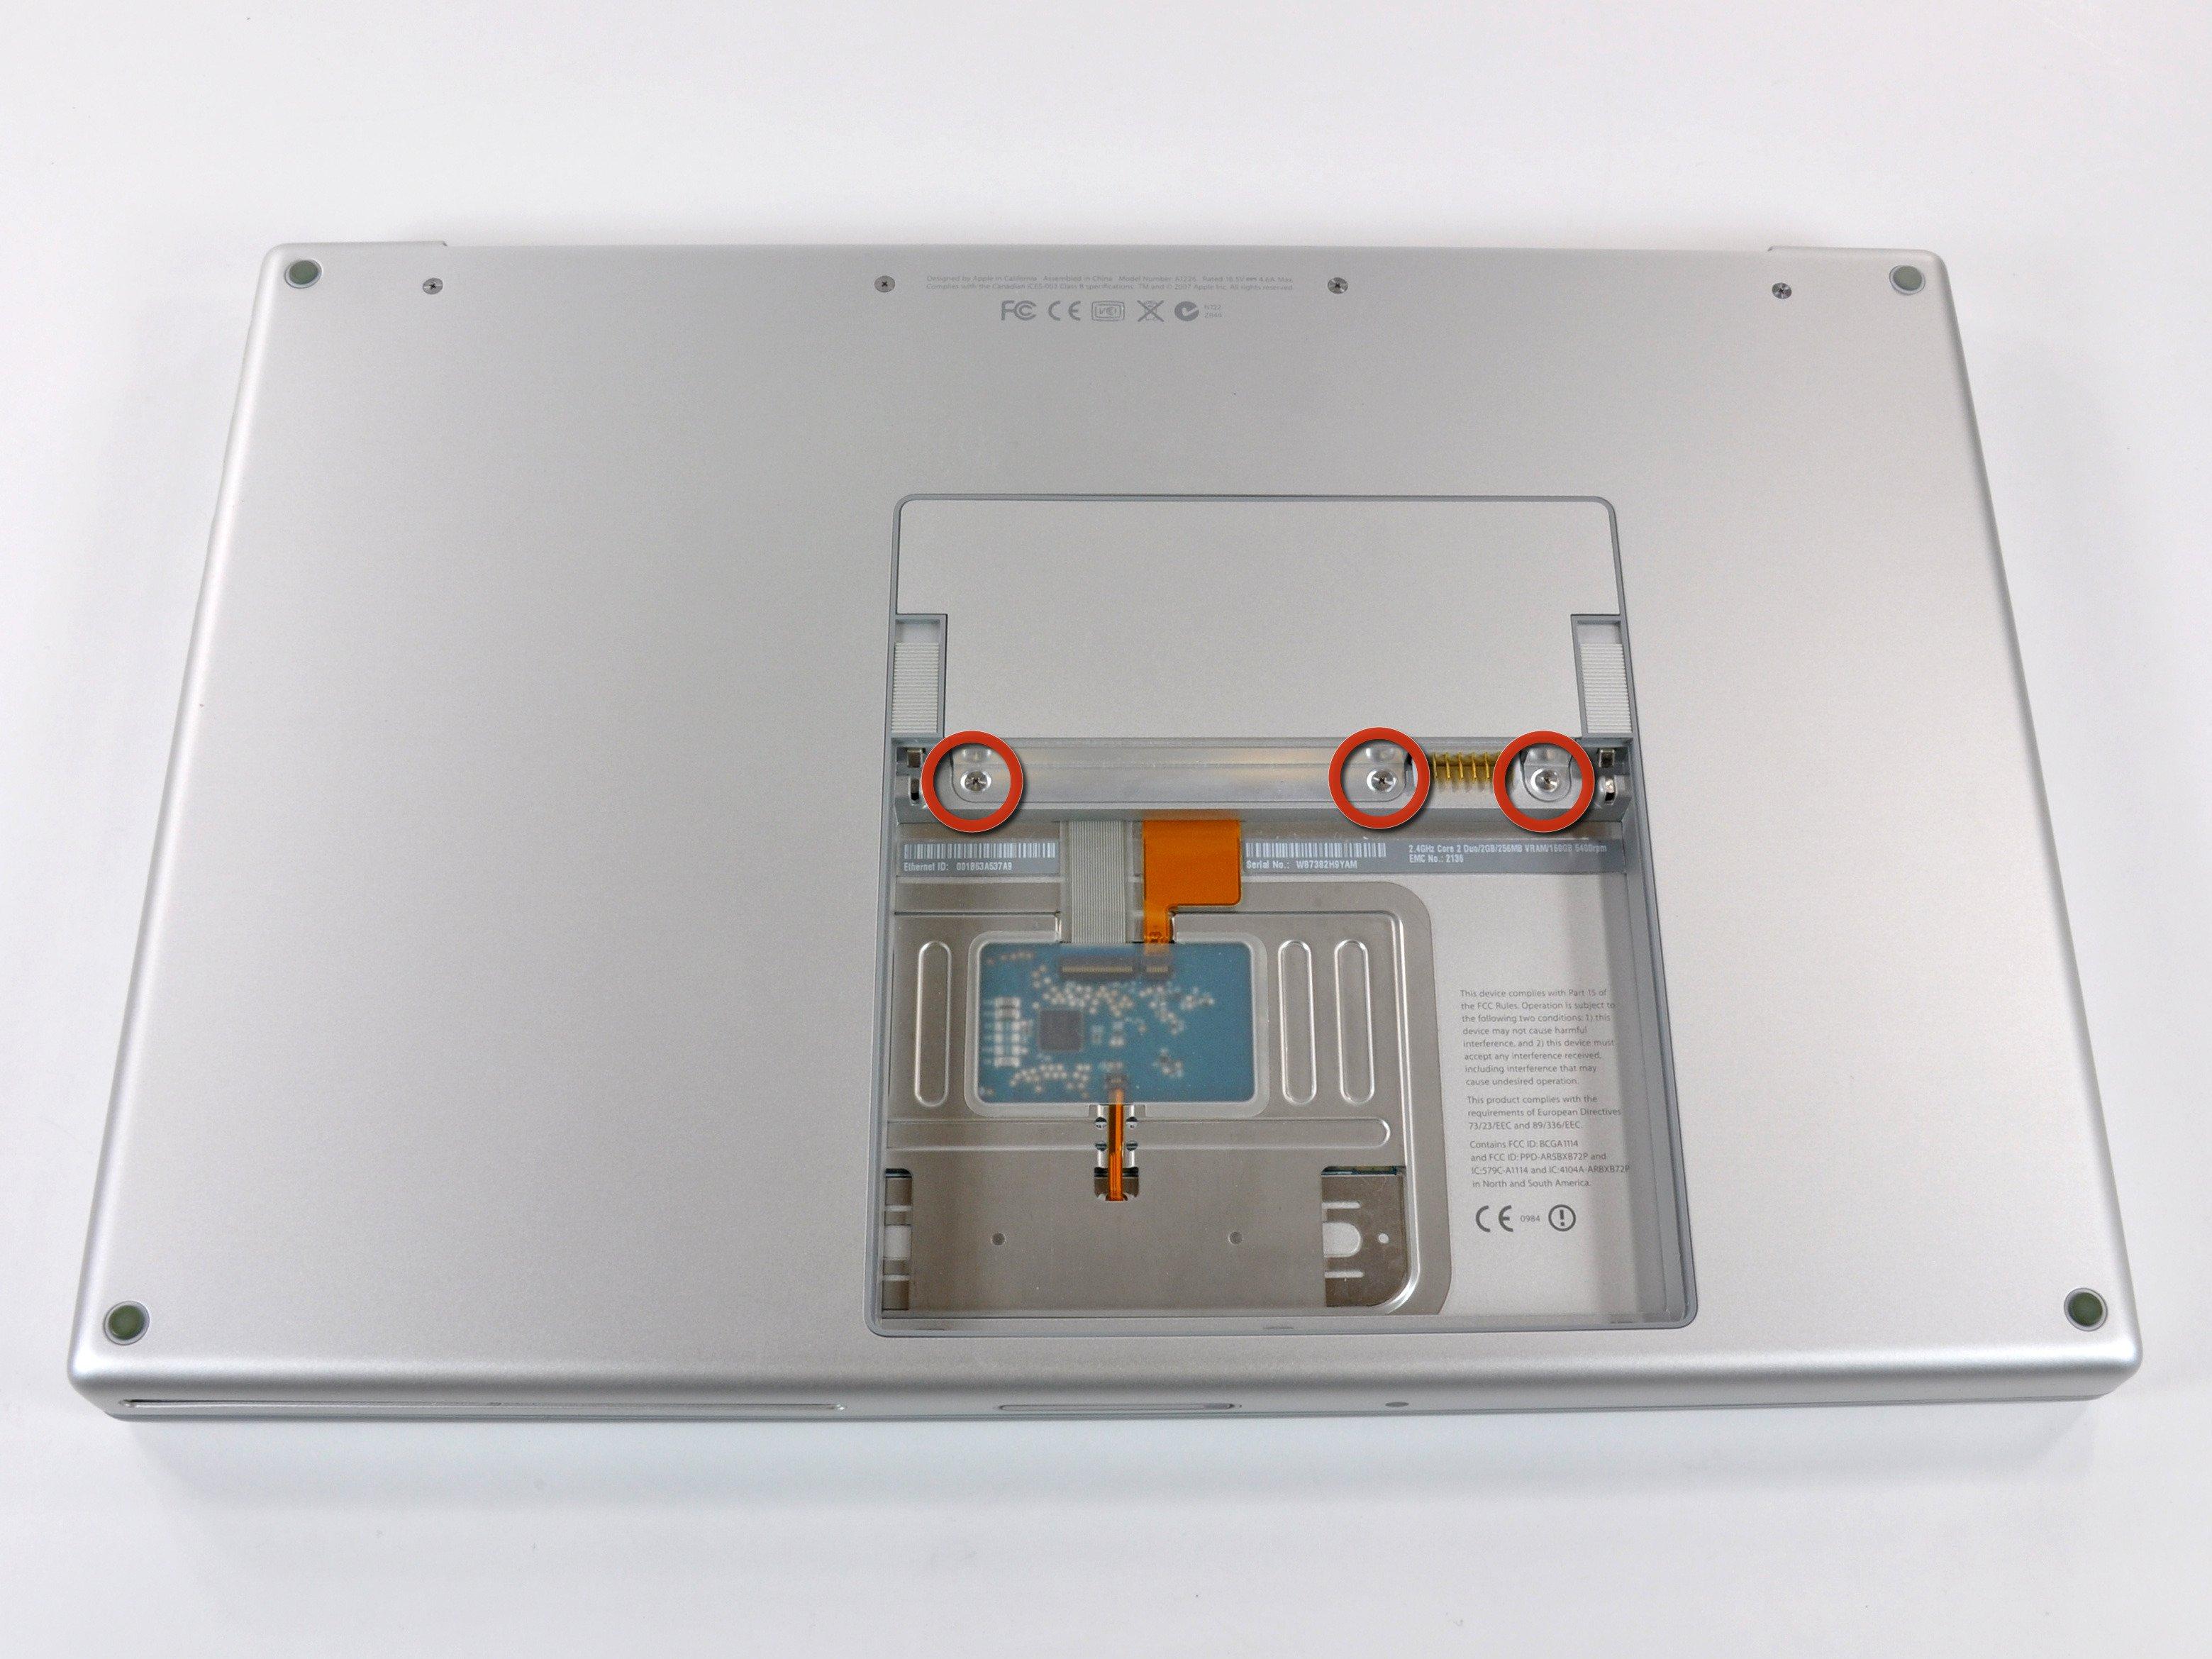 Macbook Pro 15 U0026quot  Core 2 Duo Models A1226 And A1260 Ram